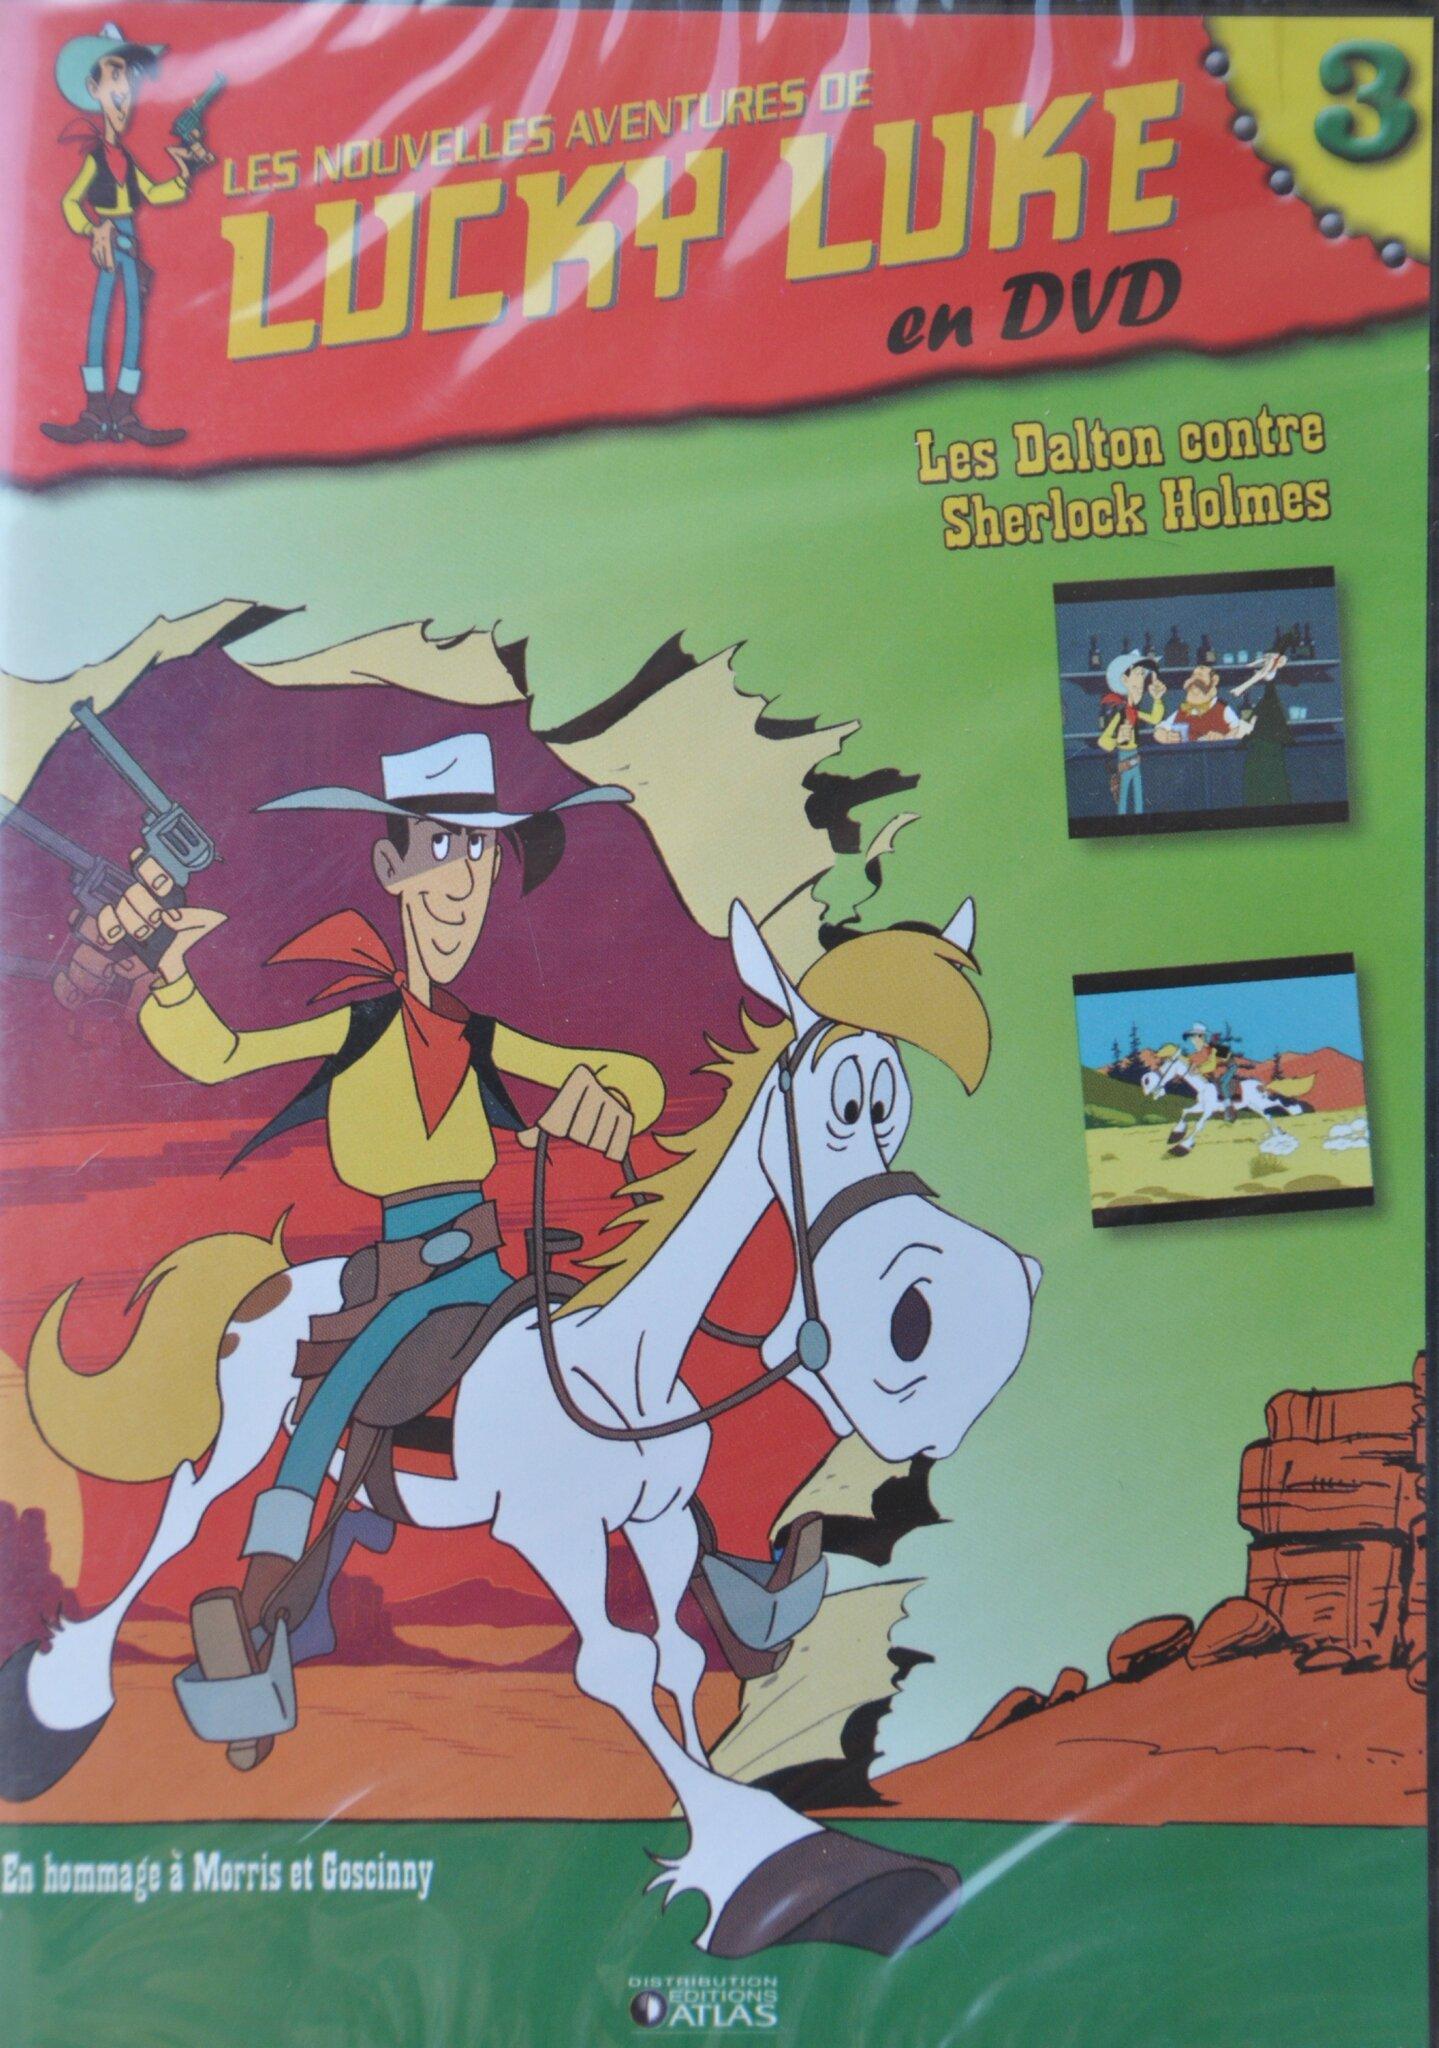 DVD Lucky luke